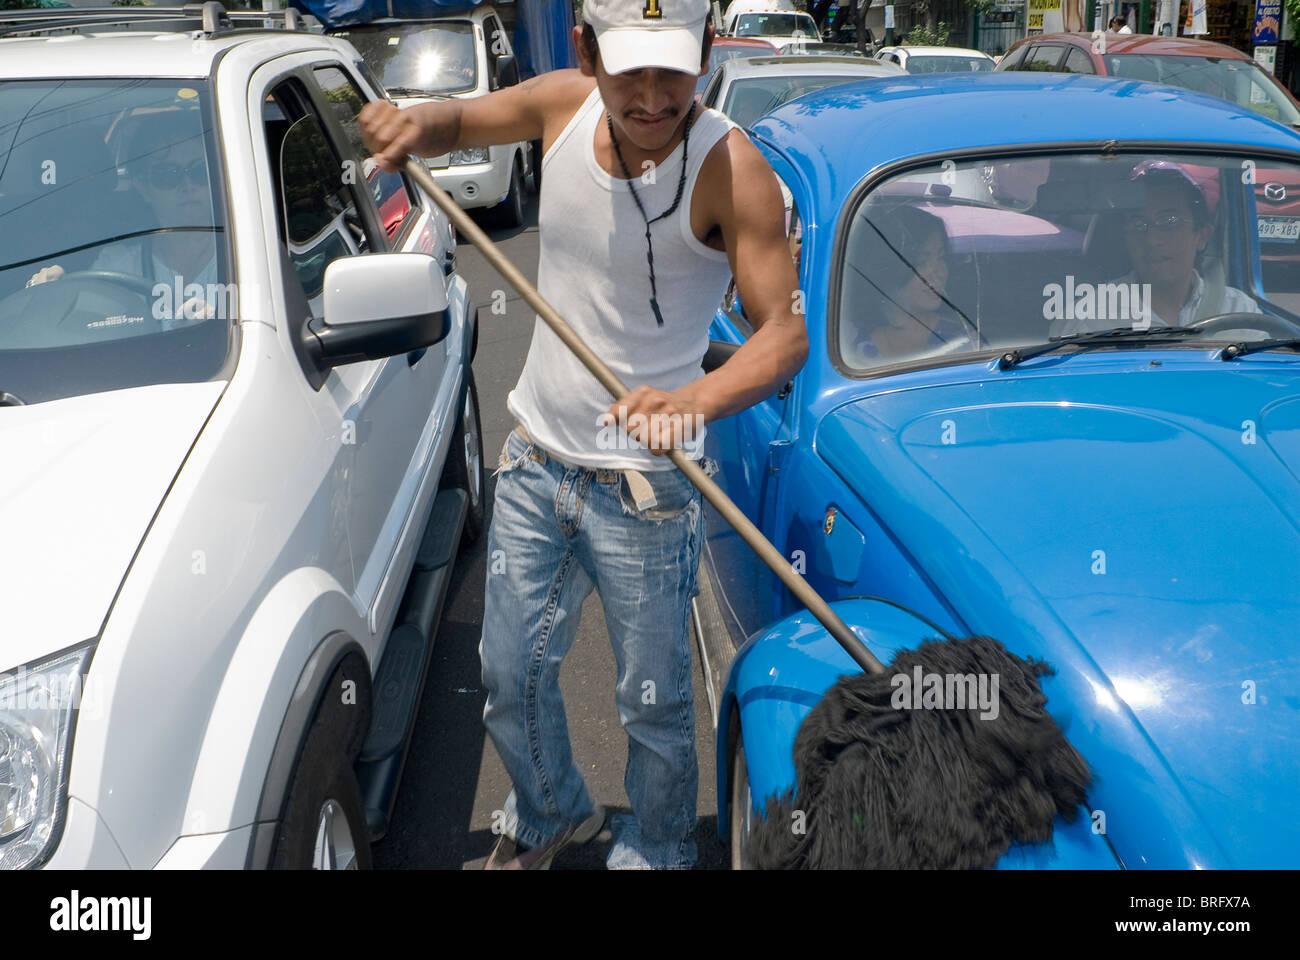 La rue reste le dernier refuge des chômeurs, comme ces nettoyants voiture vadrouille dans la ville de Mexico. Photo Stock